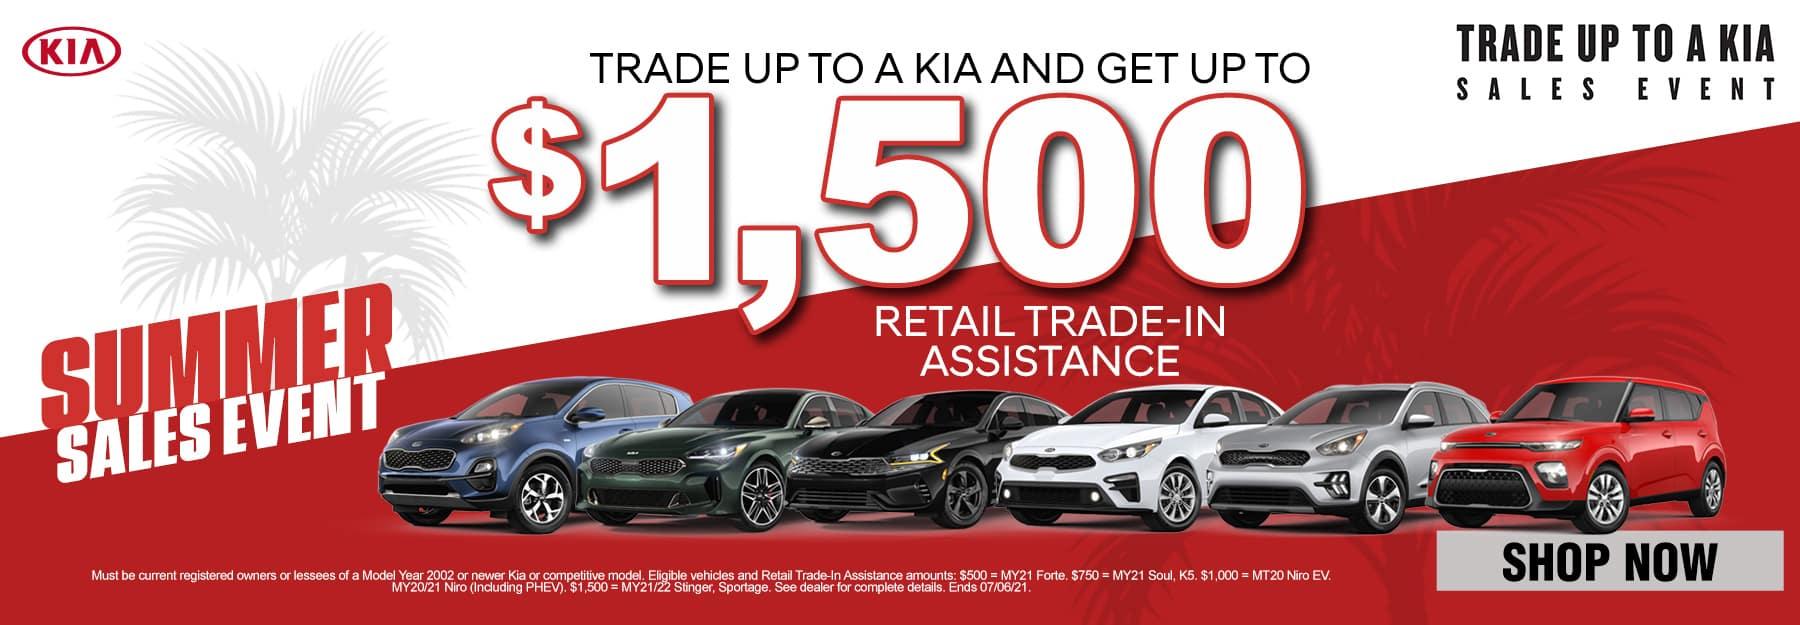 CVK210604_trade (1)